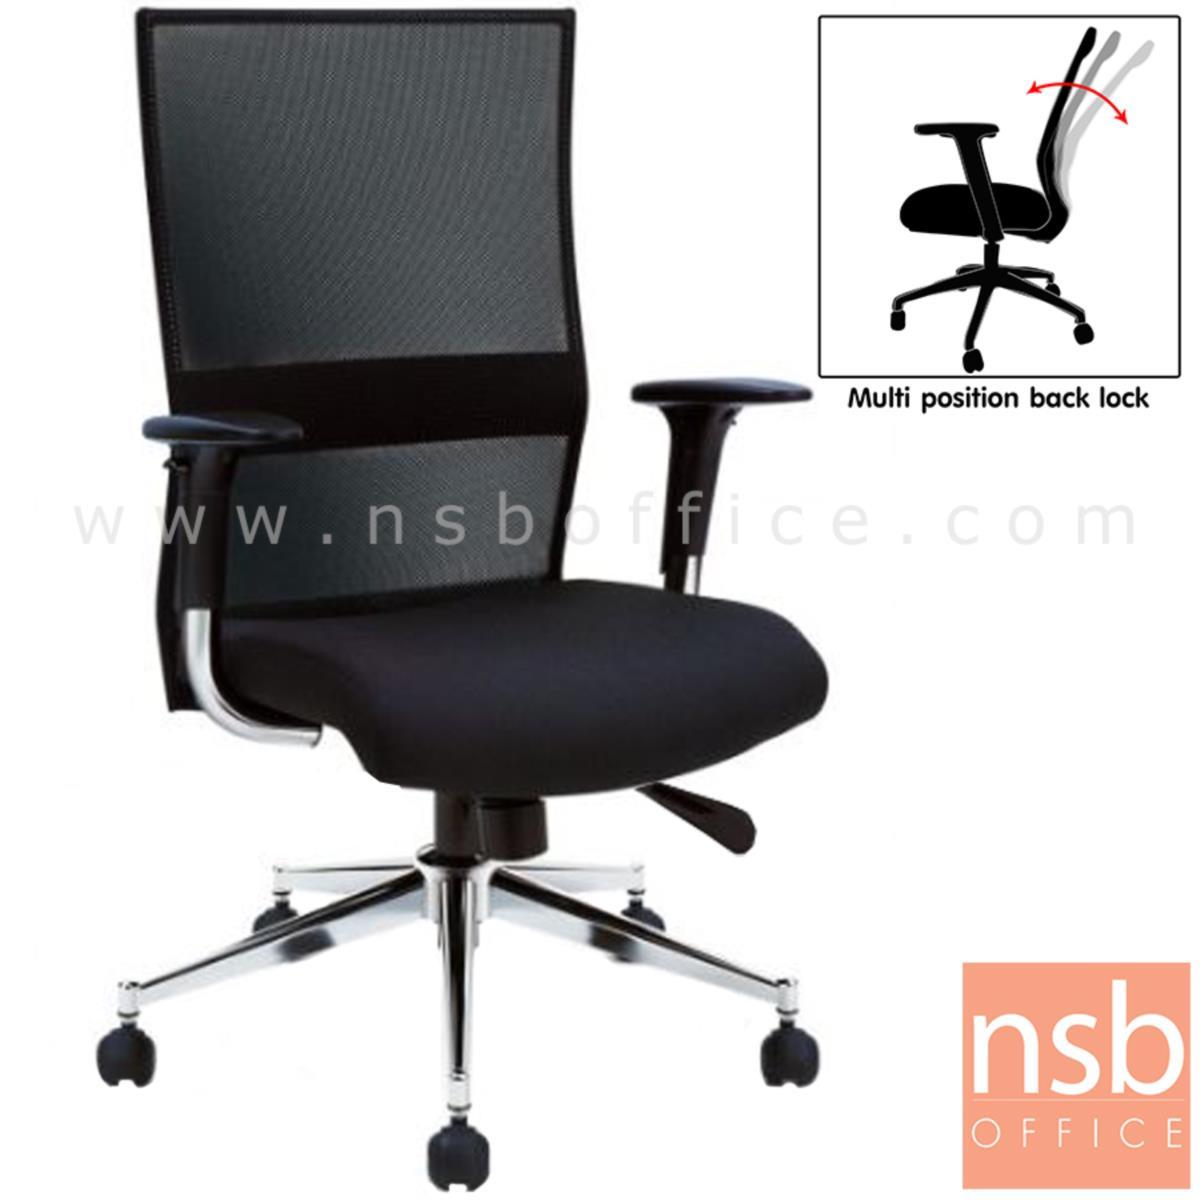 B28A002:เก้าอี้ผู้บริหารหลังเน็ต รุ่น deluxe (ดีลักซ์)  โช๊คแก๊ส มีก้อนโยก ขาเหล็กชุบโครเมี่ยม